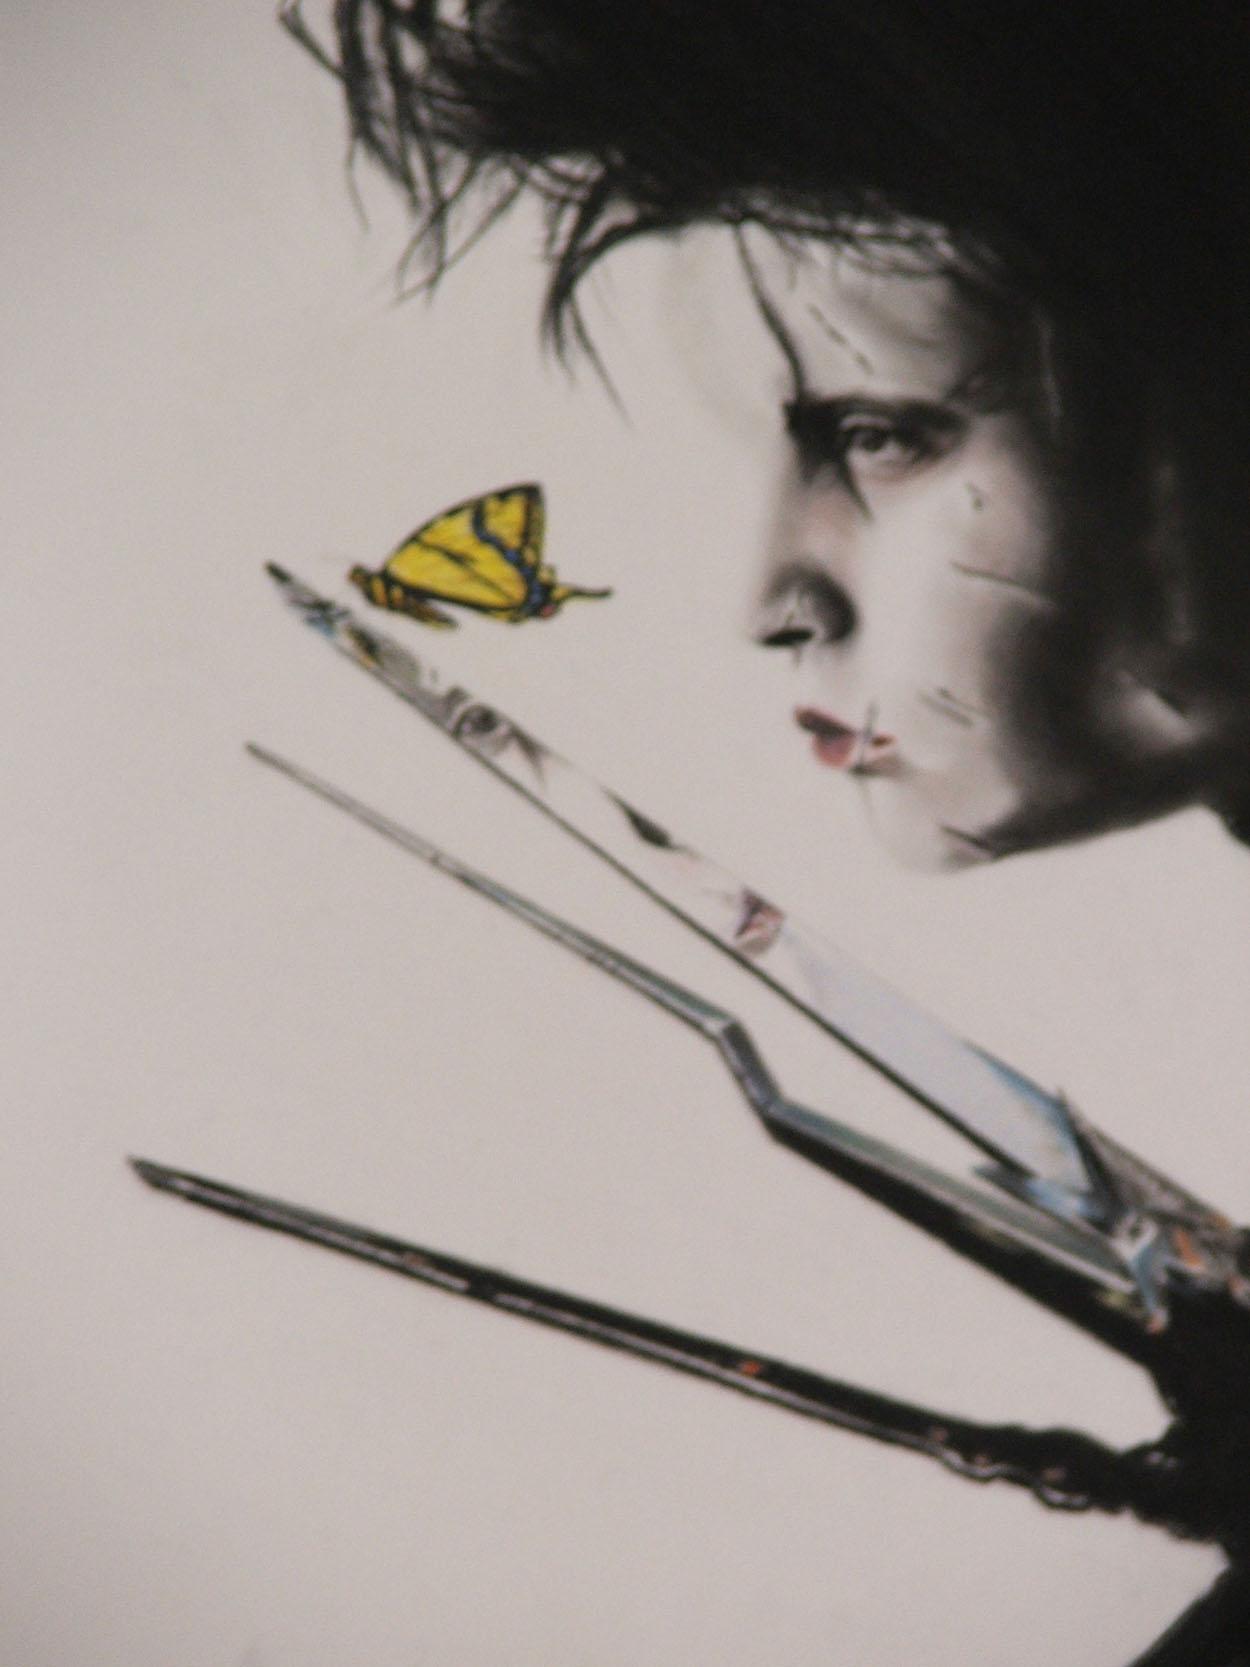 Edward Scissorhands By Tifaerith On Deviantart